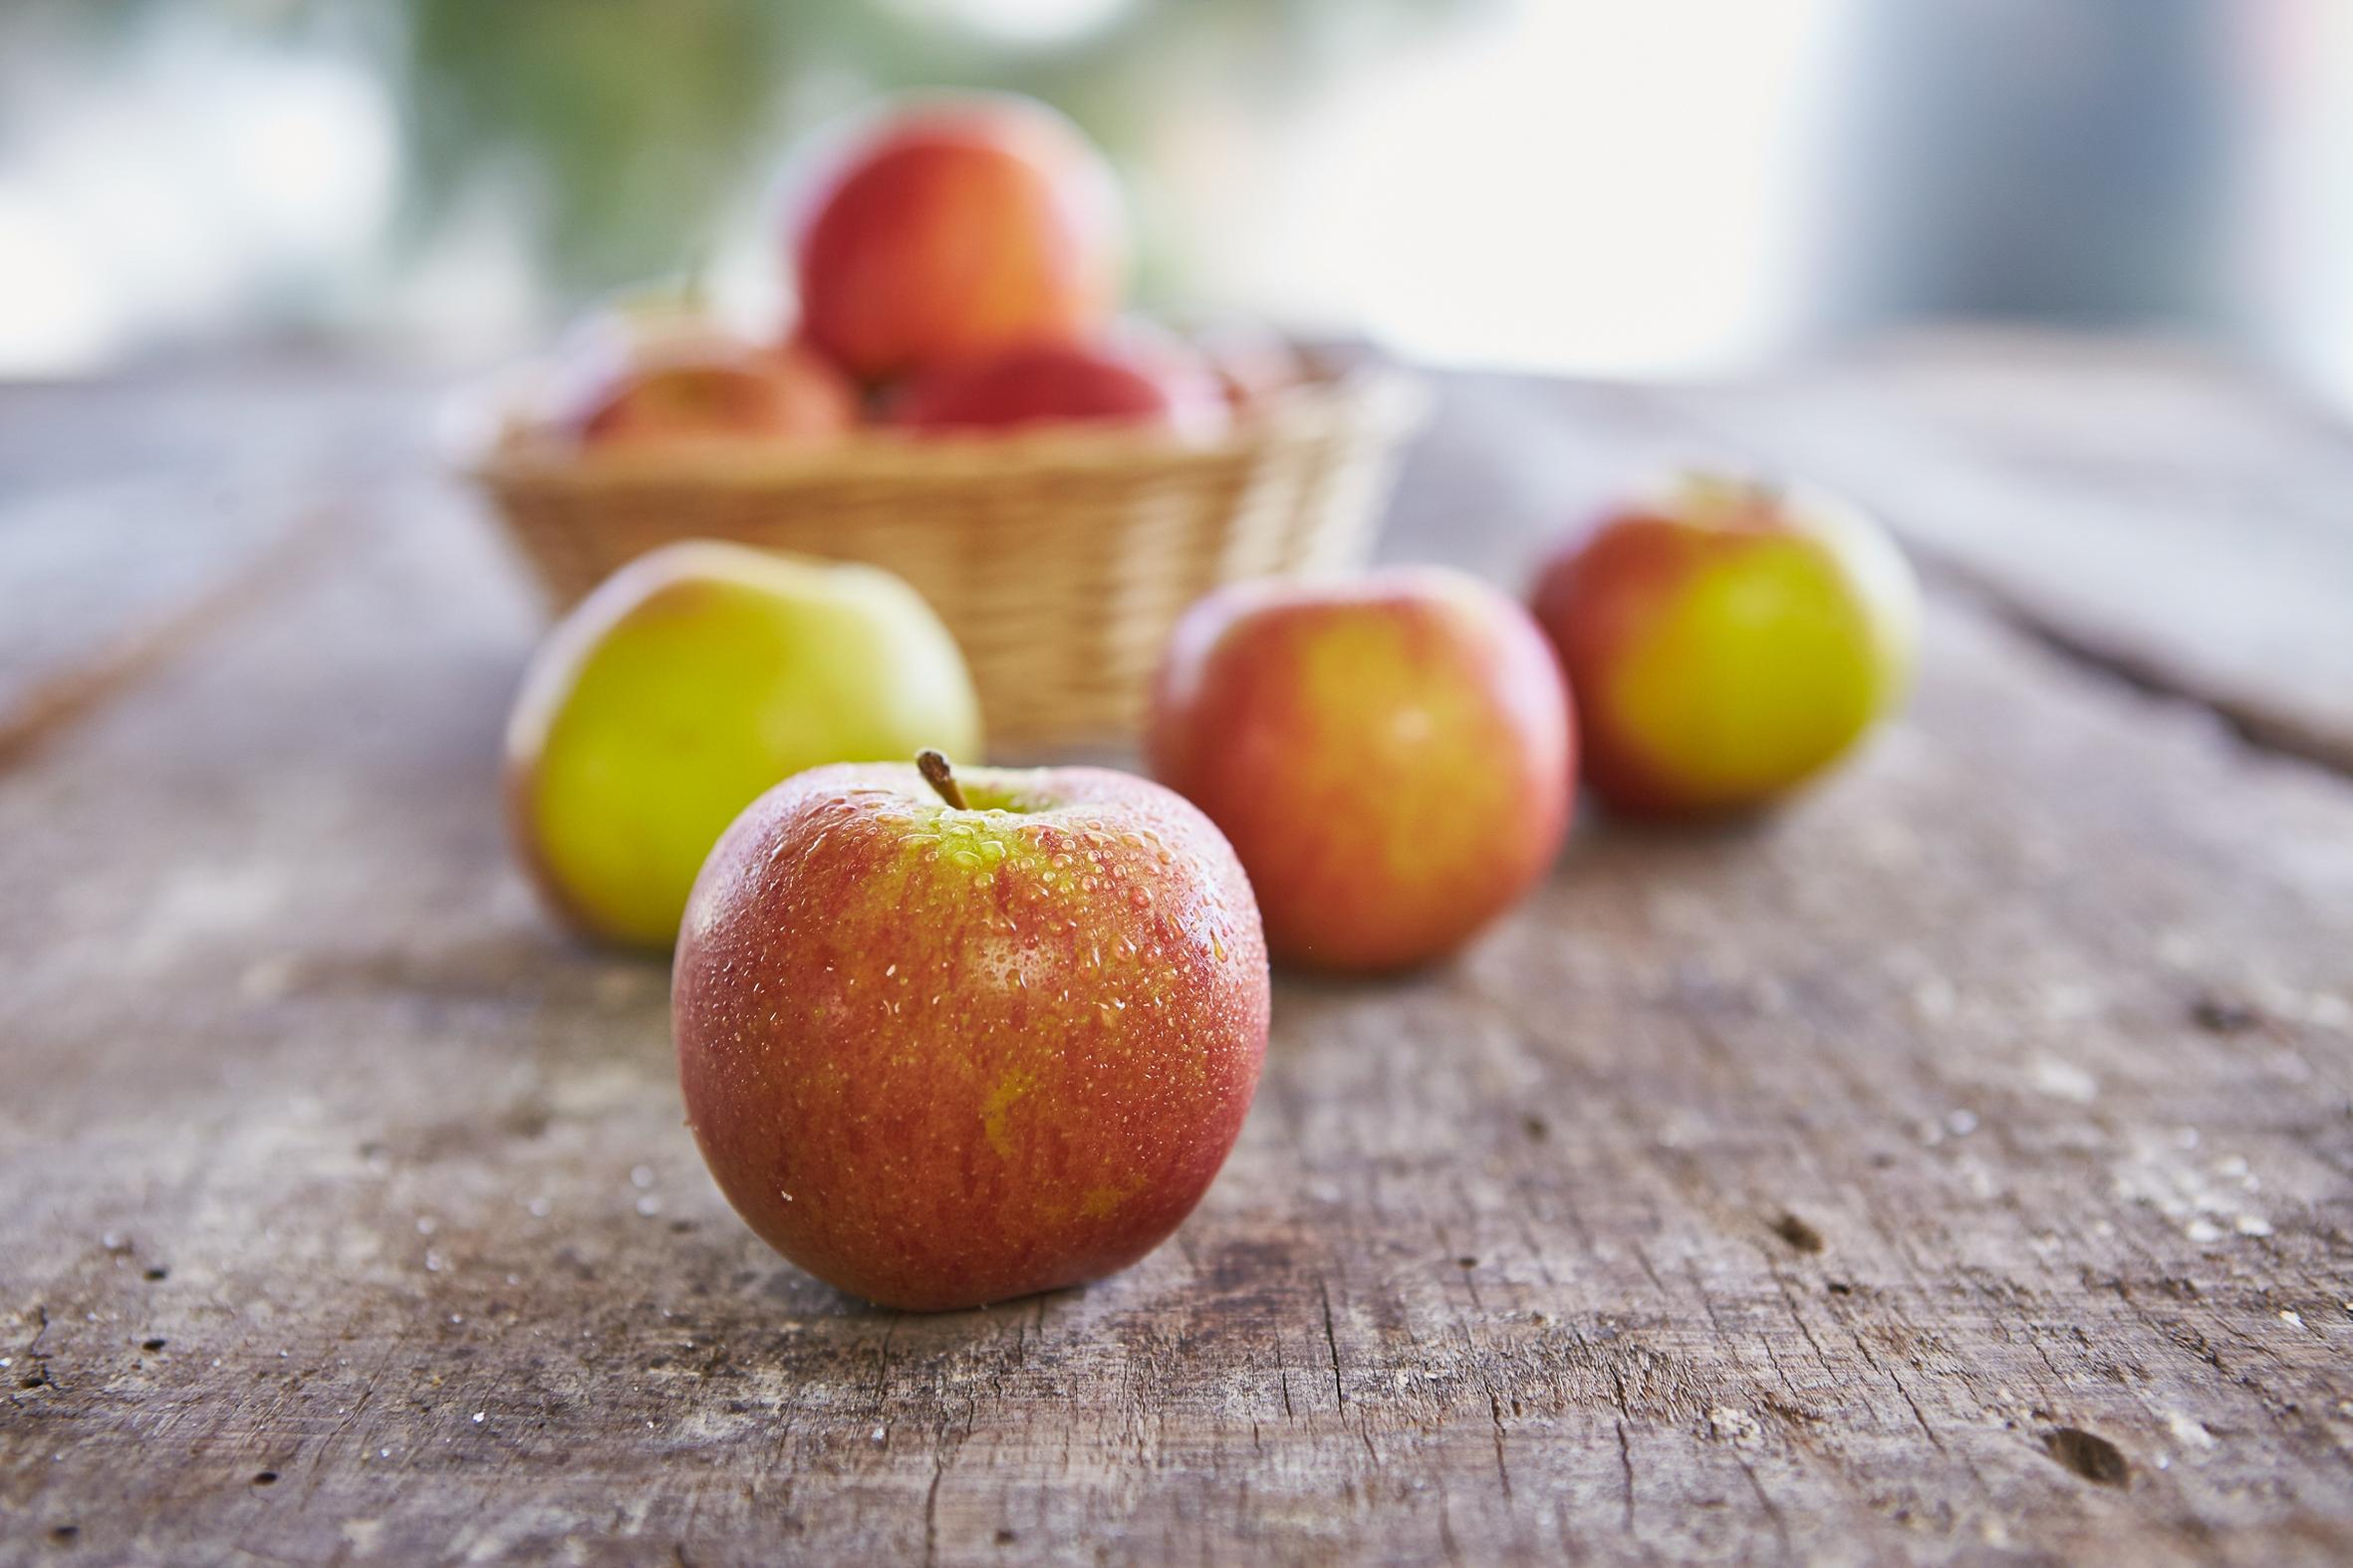 Gesund dank Äpfeln – so viel Gutes steckt in keiner Pille